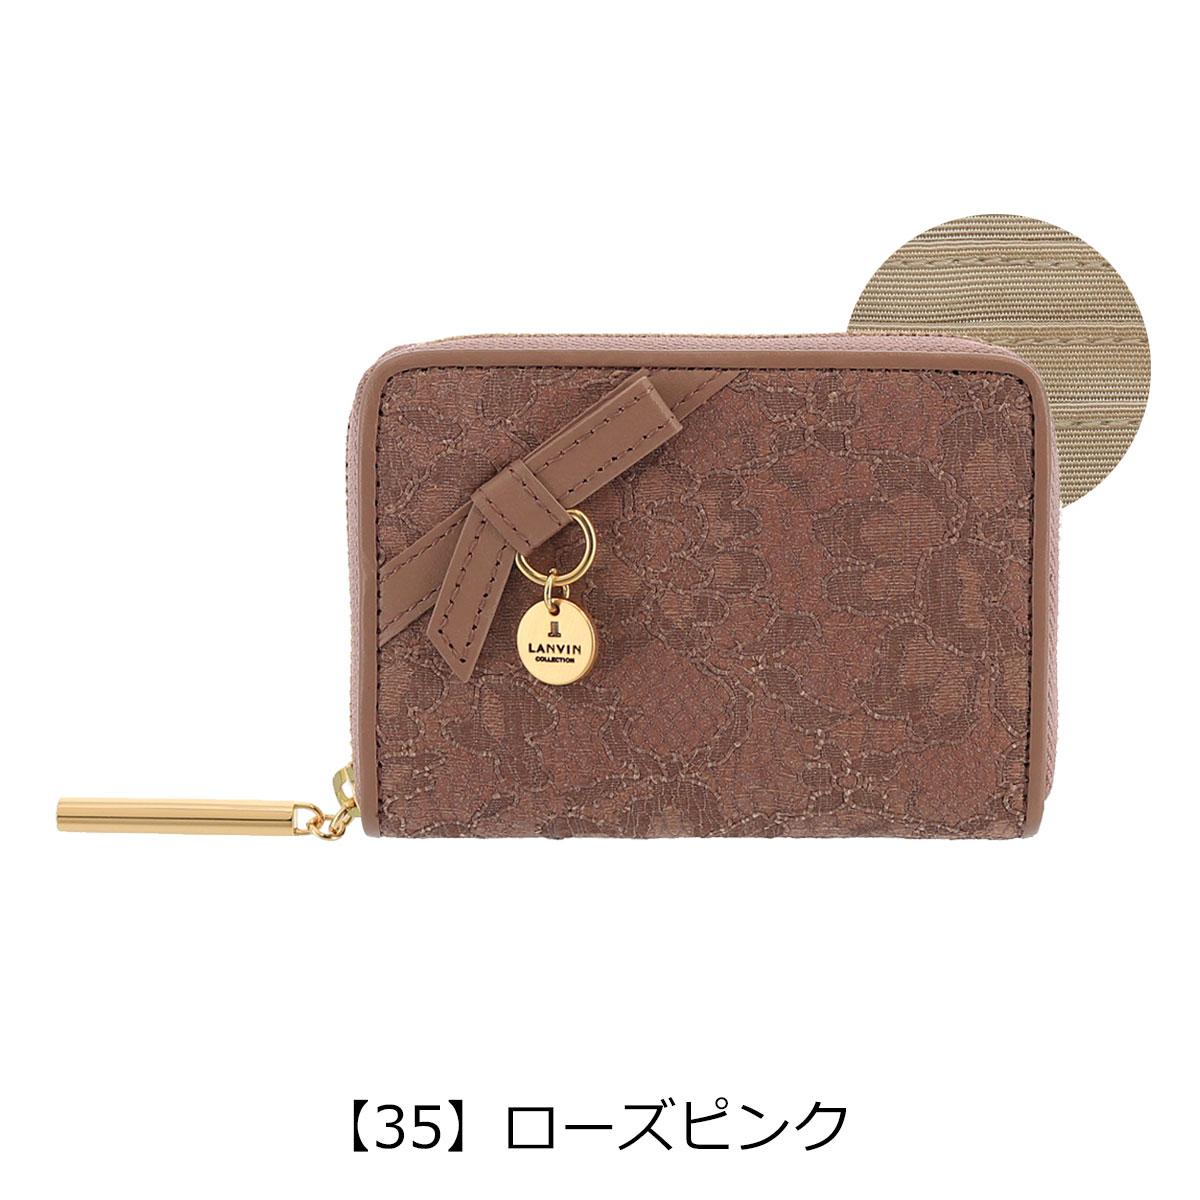 【35】ローズピンク